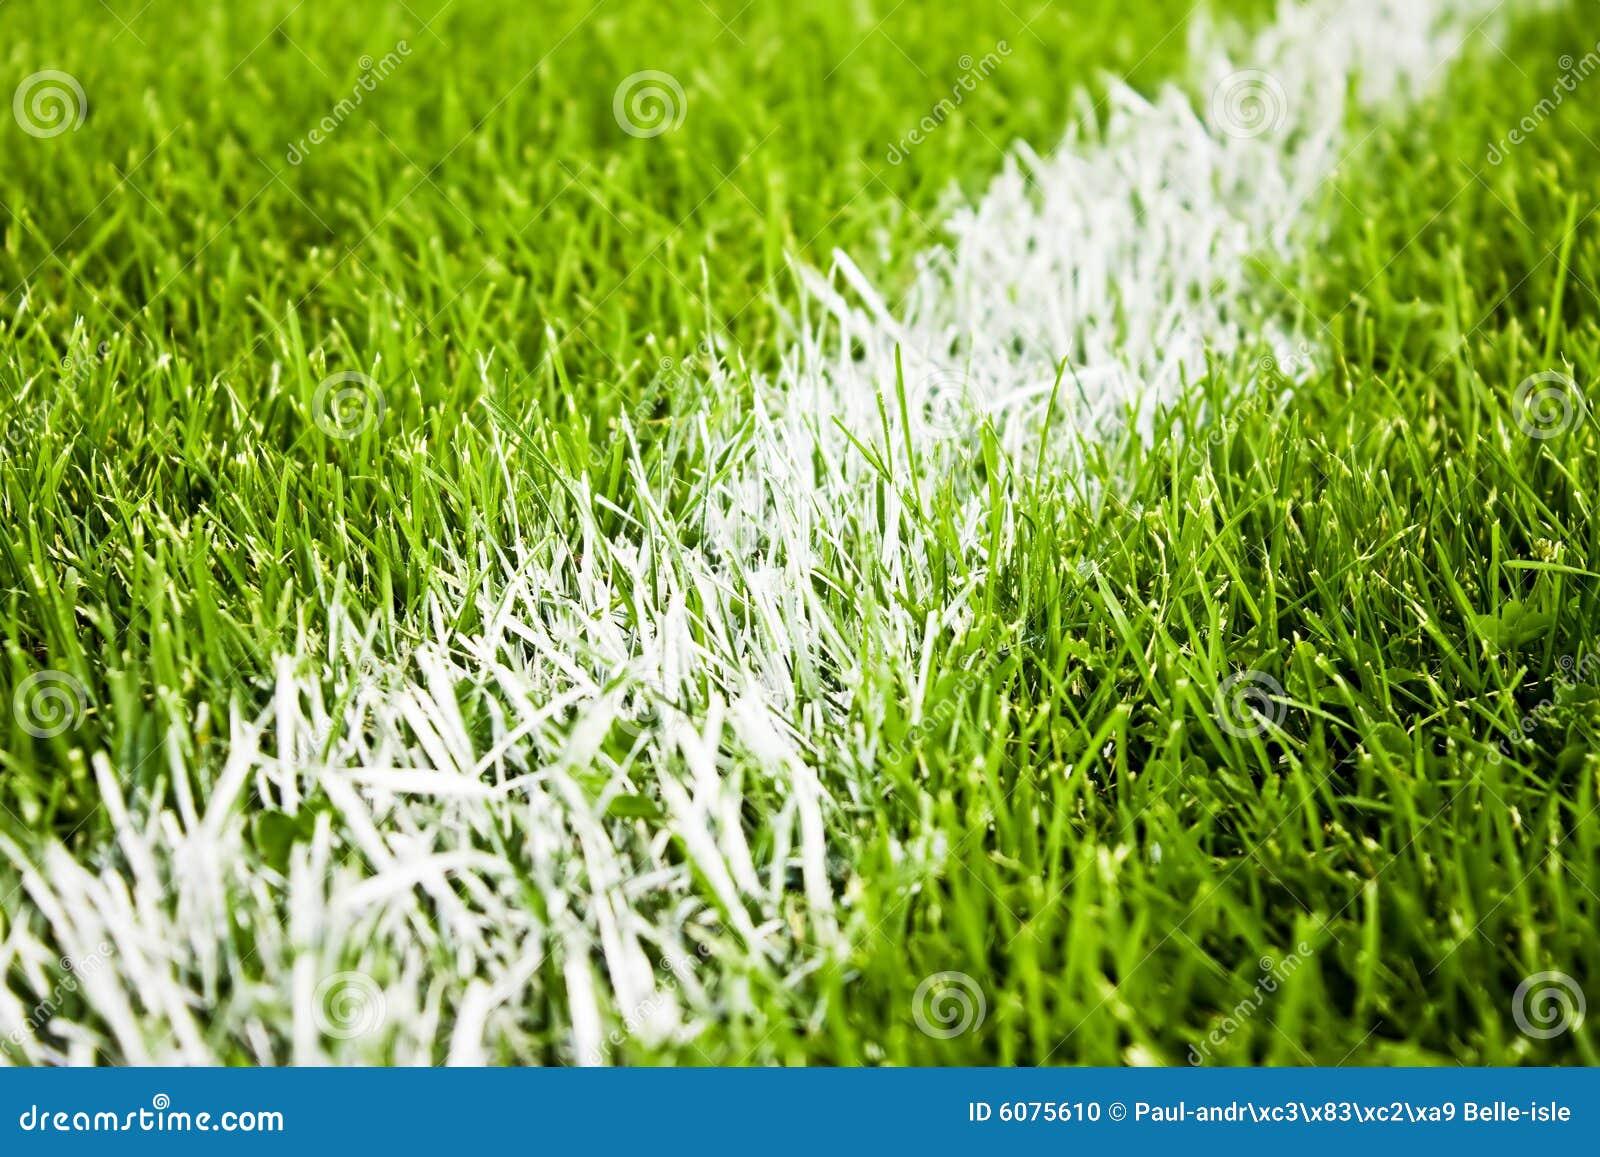 De strepen van het voetbal of van de voetbal